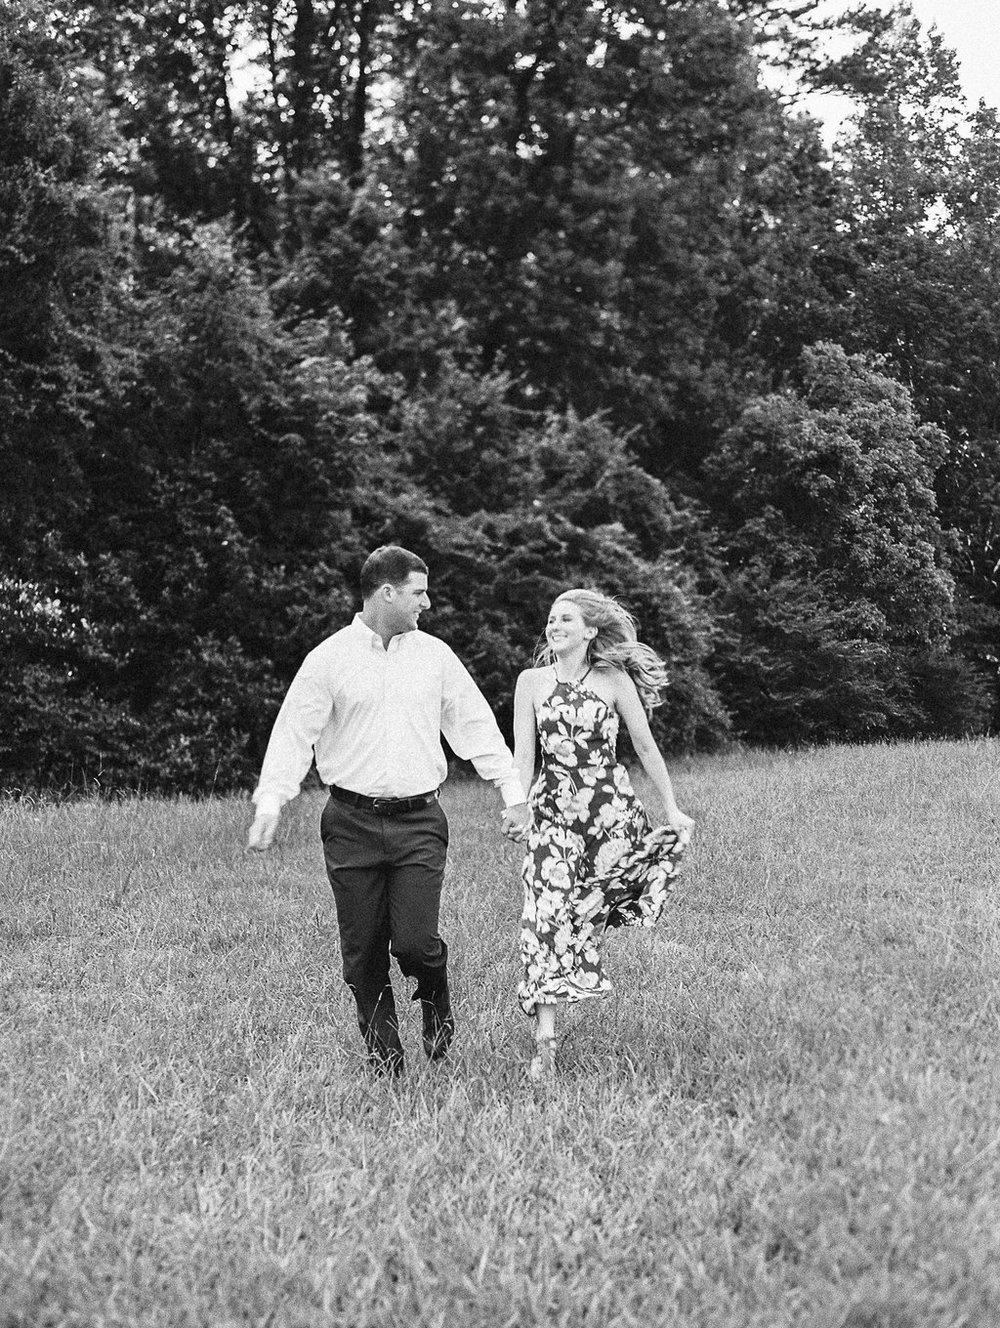 Woodstock-Engagement-Session-atlanta-wedding-photographer-hannah-forsberg-19.jpg